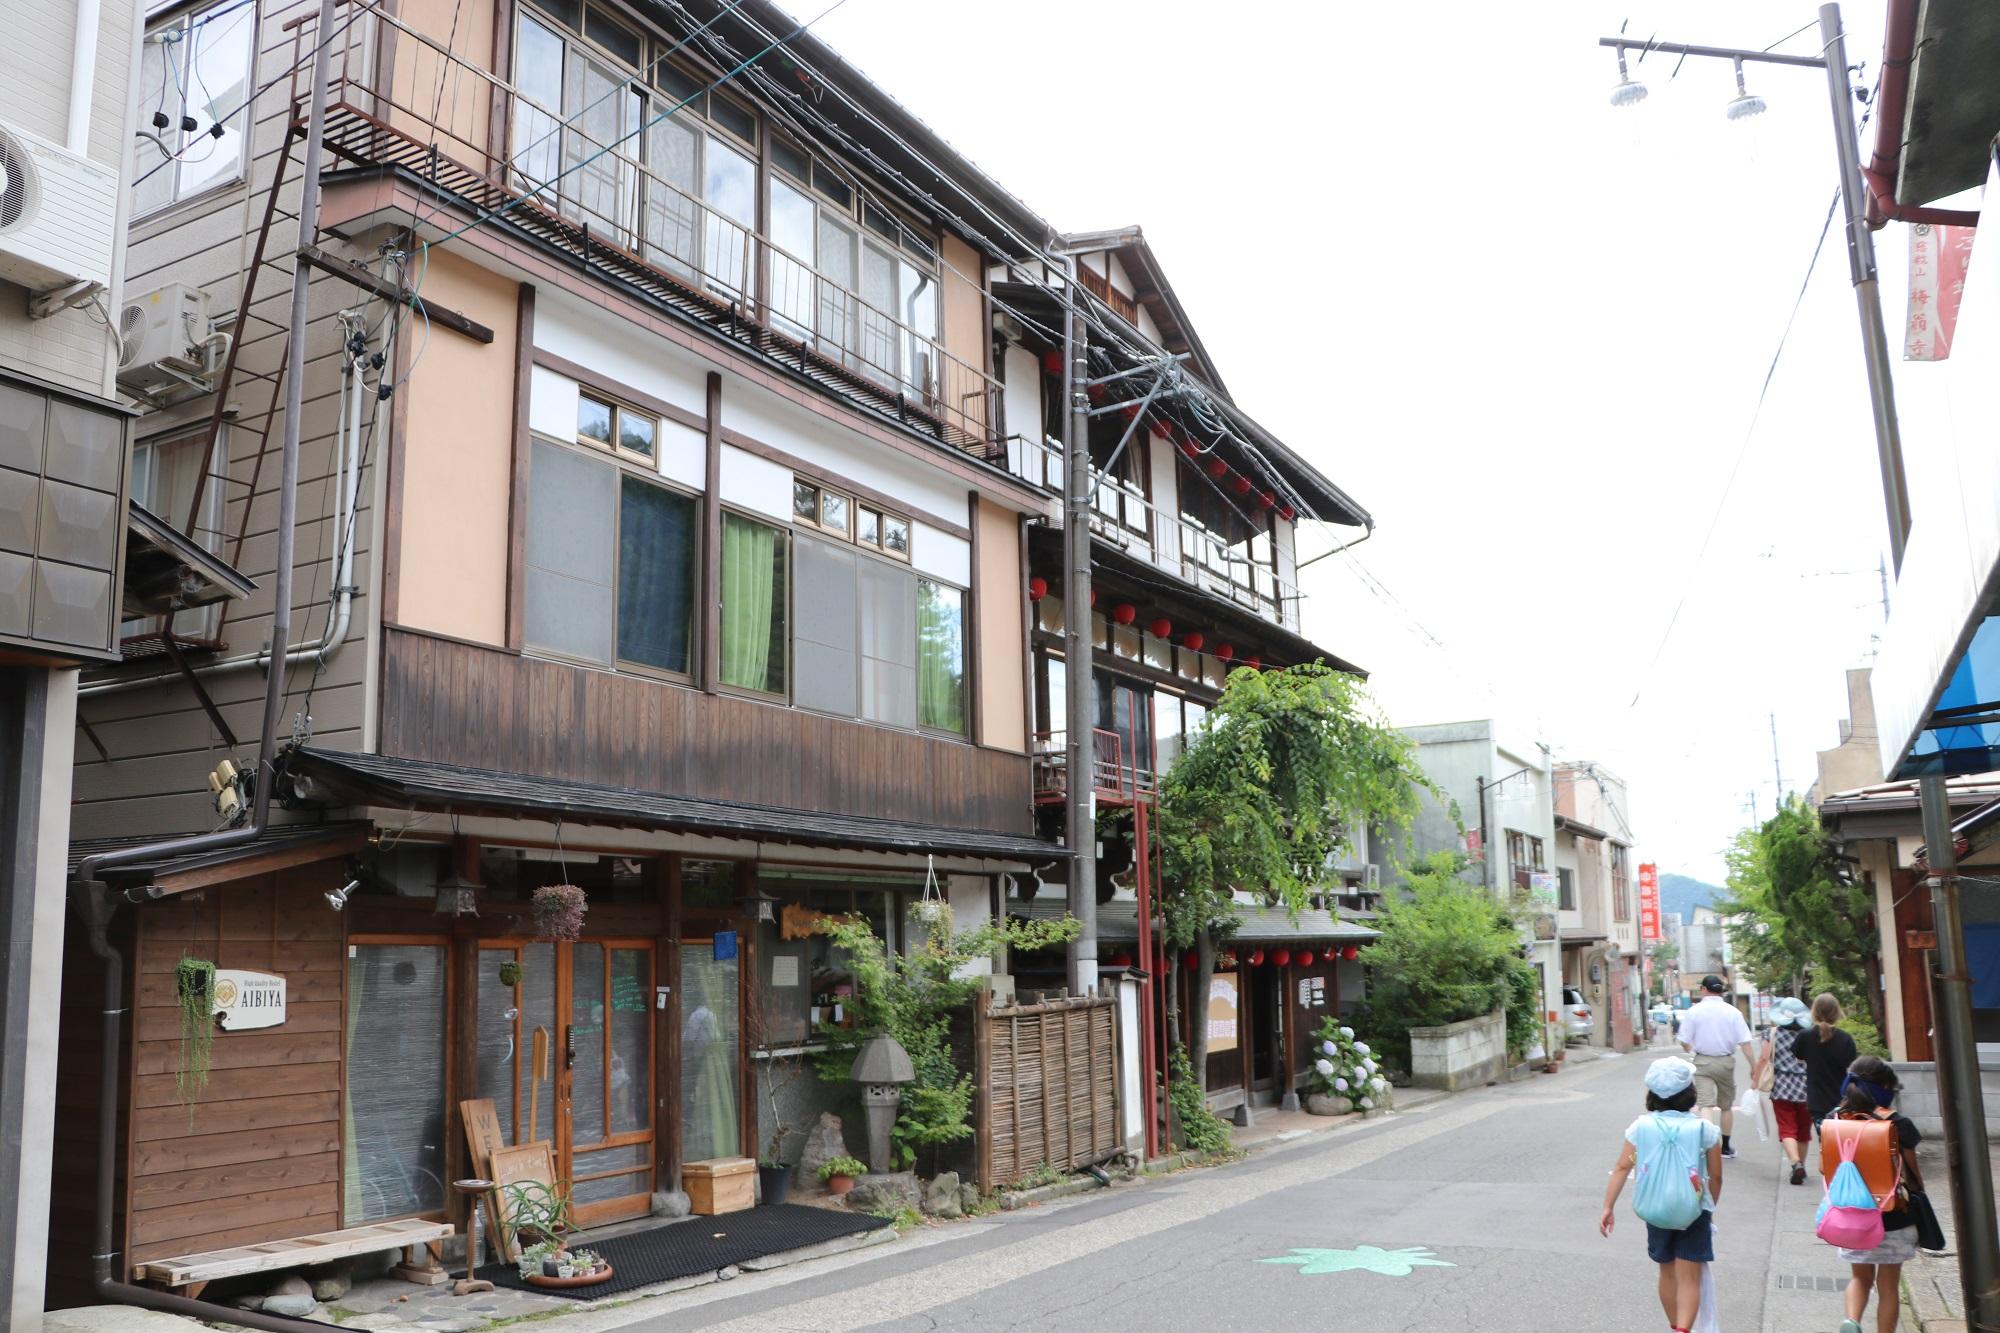 温泉街には改装した宿泊施設が並ぶ。活気を取り戻す拠点に=2018年7月、長野県山ノ内町